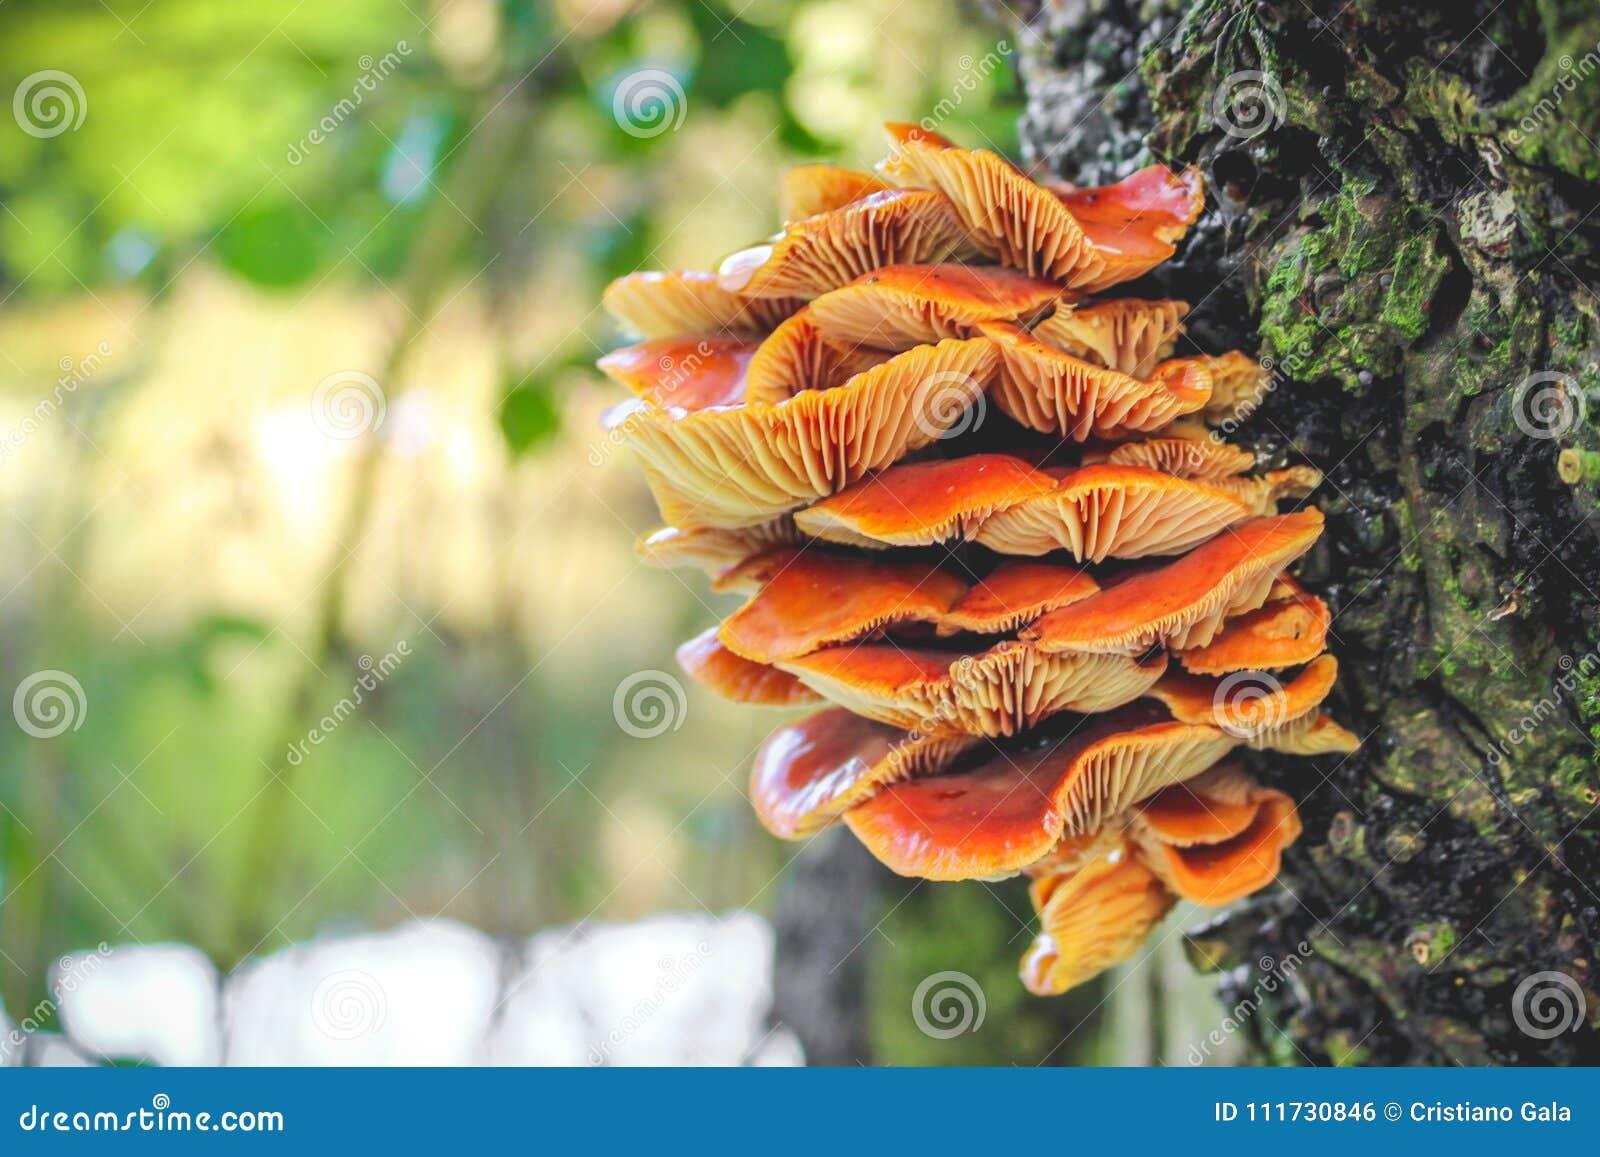 champignons oranges sur le tronc d 39 arbre photo stock image du orange fond 111730846. Black Bedroom Furniture Sets. Home Design Ideas